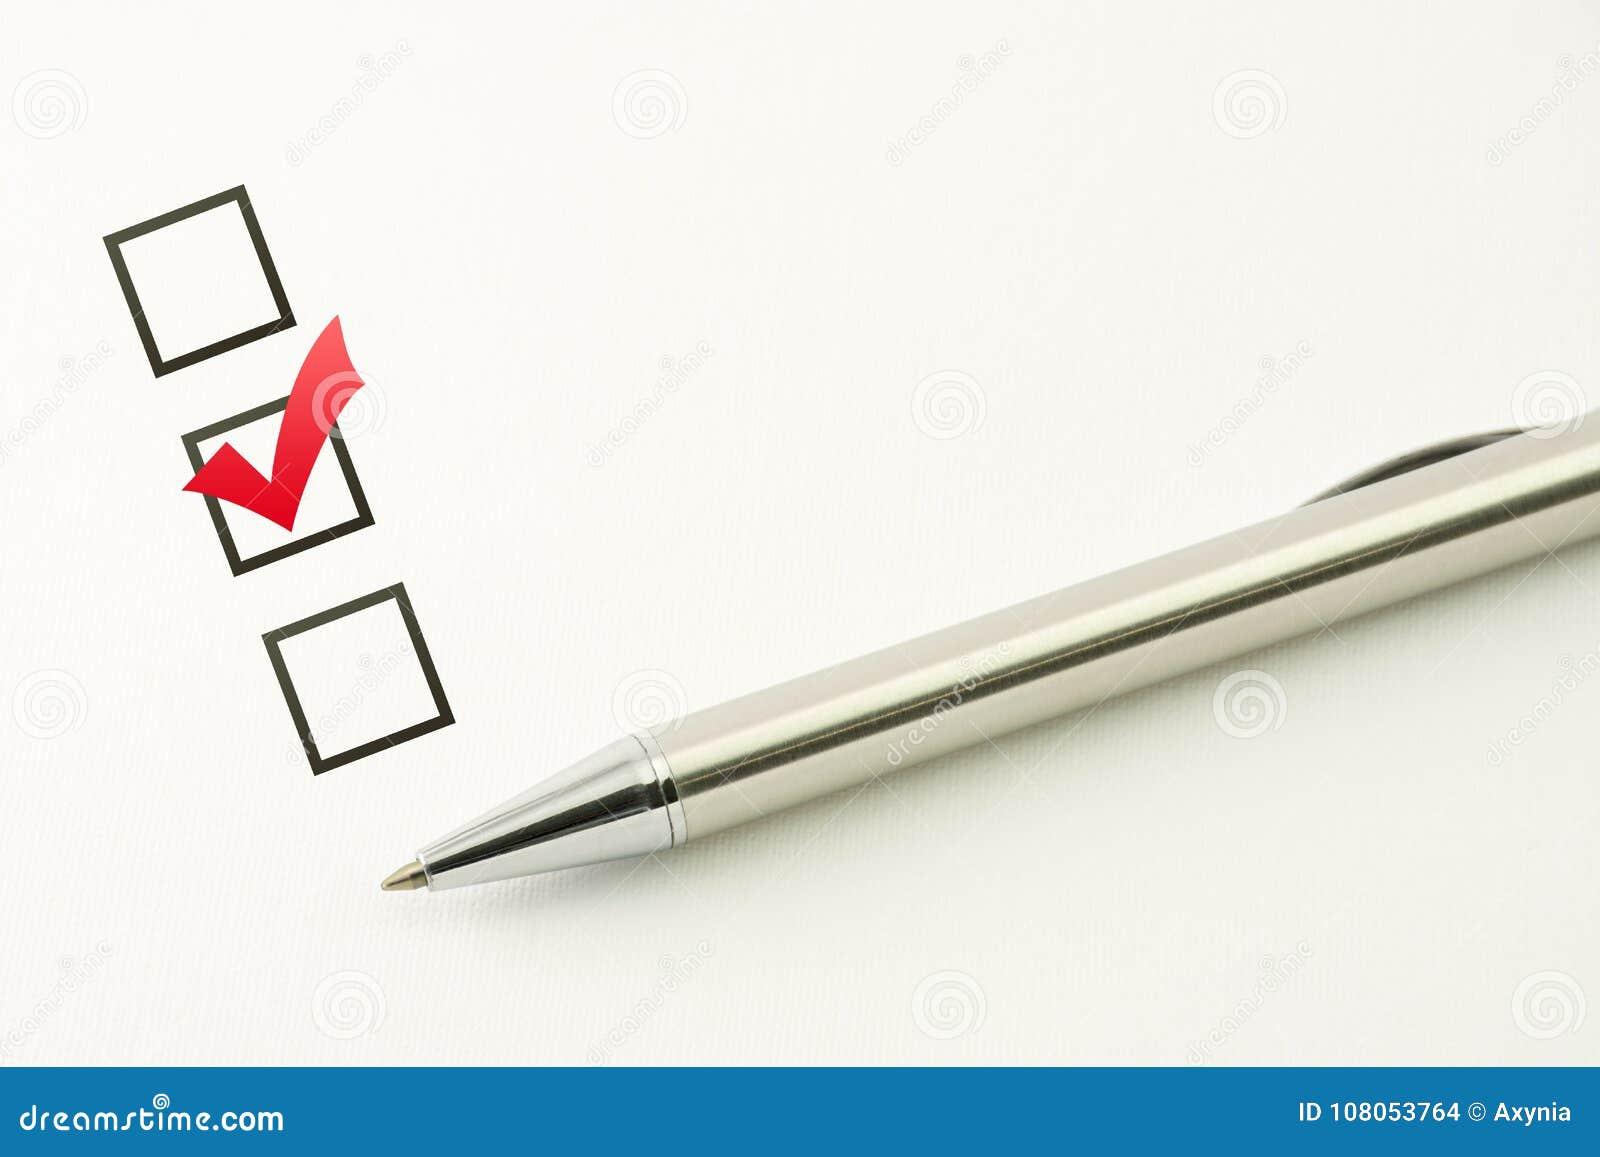 Исследуйте шаблона, выбора вопросника, маркированного флажка с ручкой на бумажной предпосылке